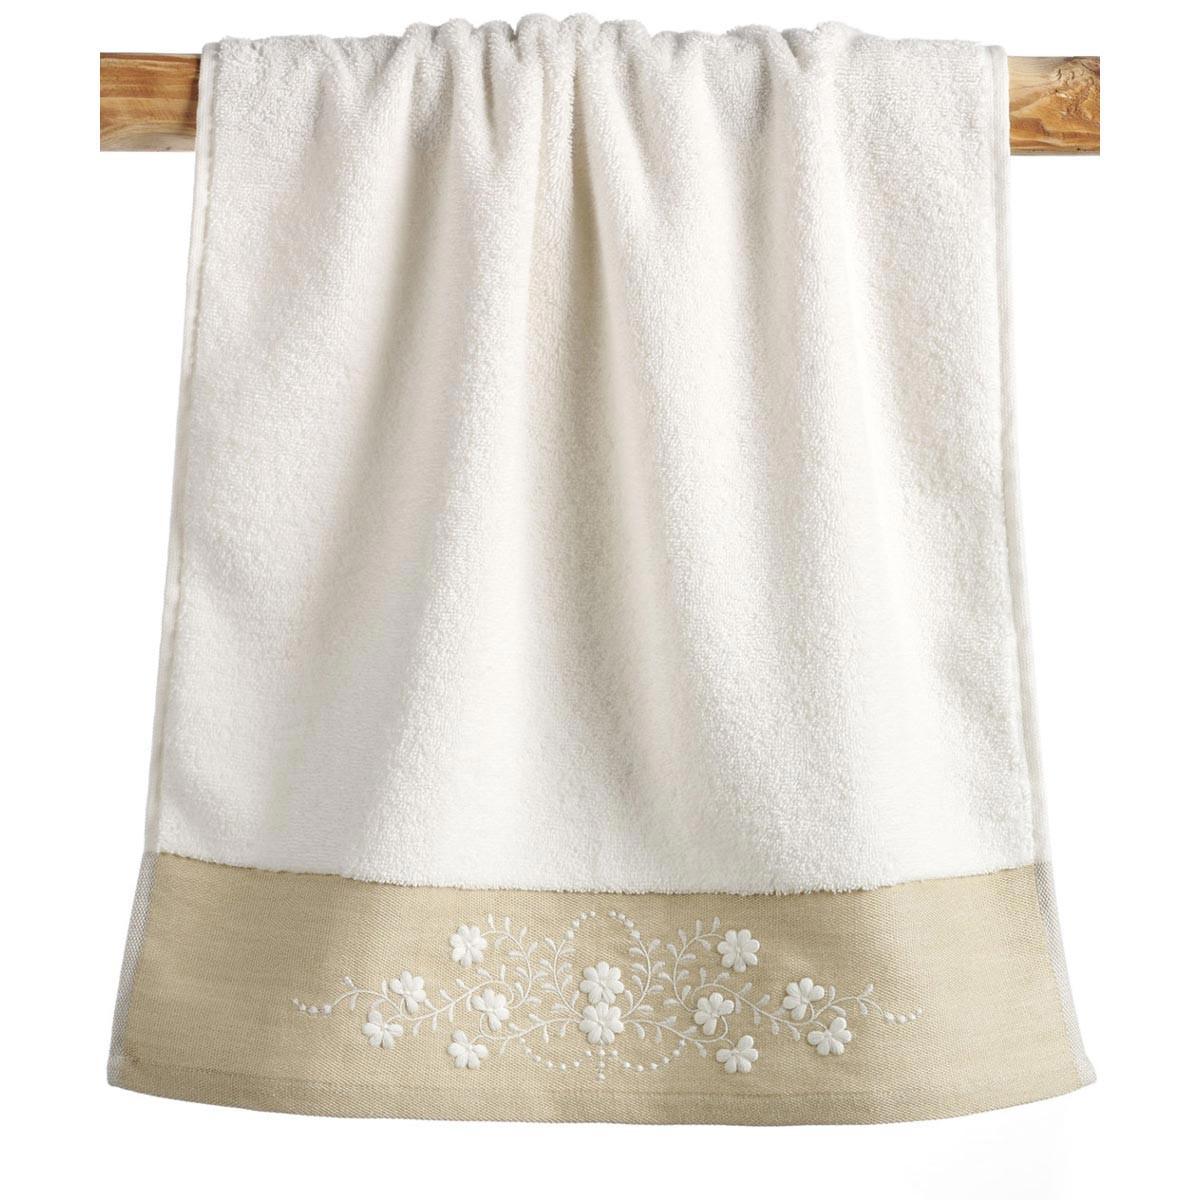 Πετσέτες Μπάνιου (Σετ 3τμχ) Kentia Bath Morena 12